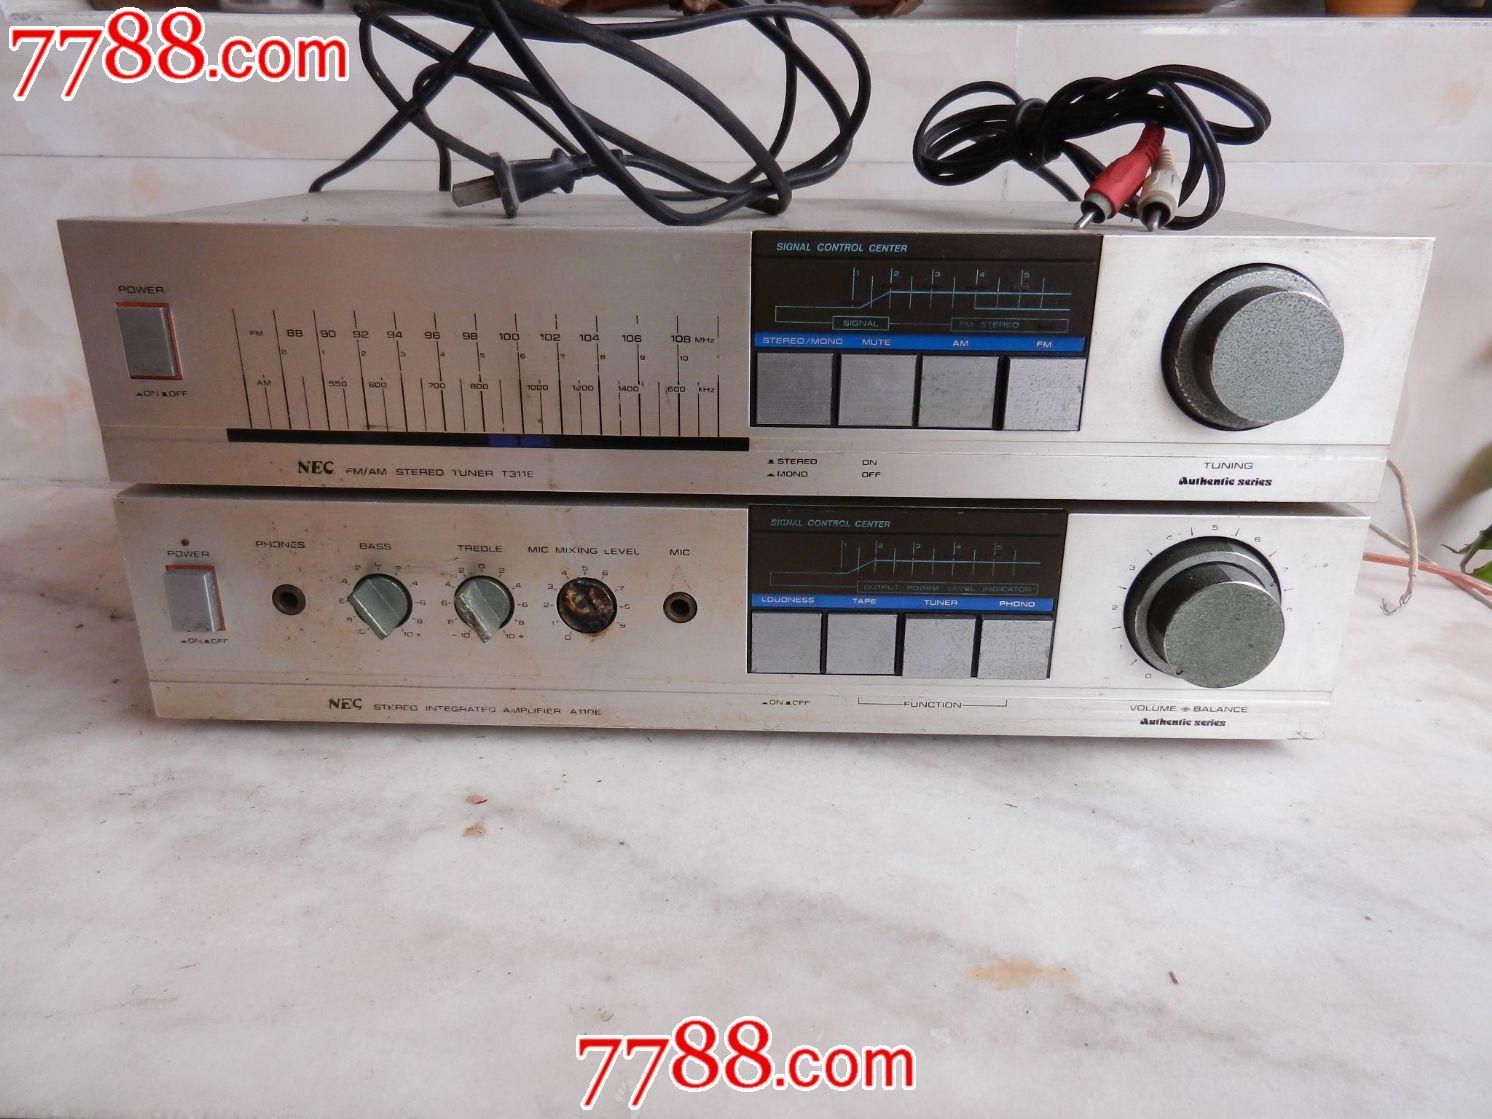 日本原装进口的nec功放 收音机